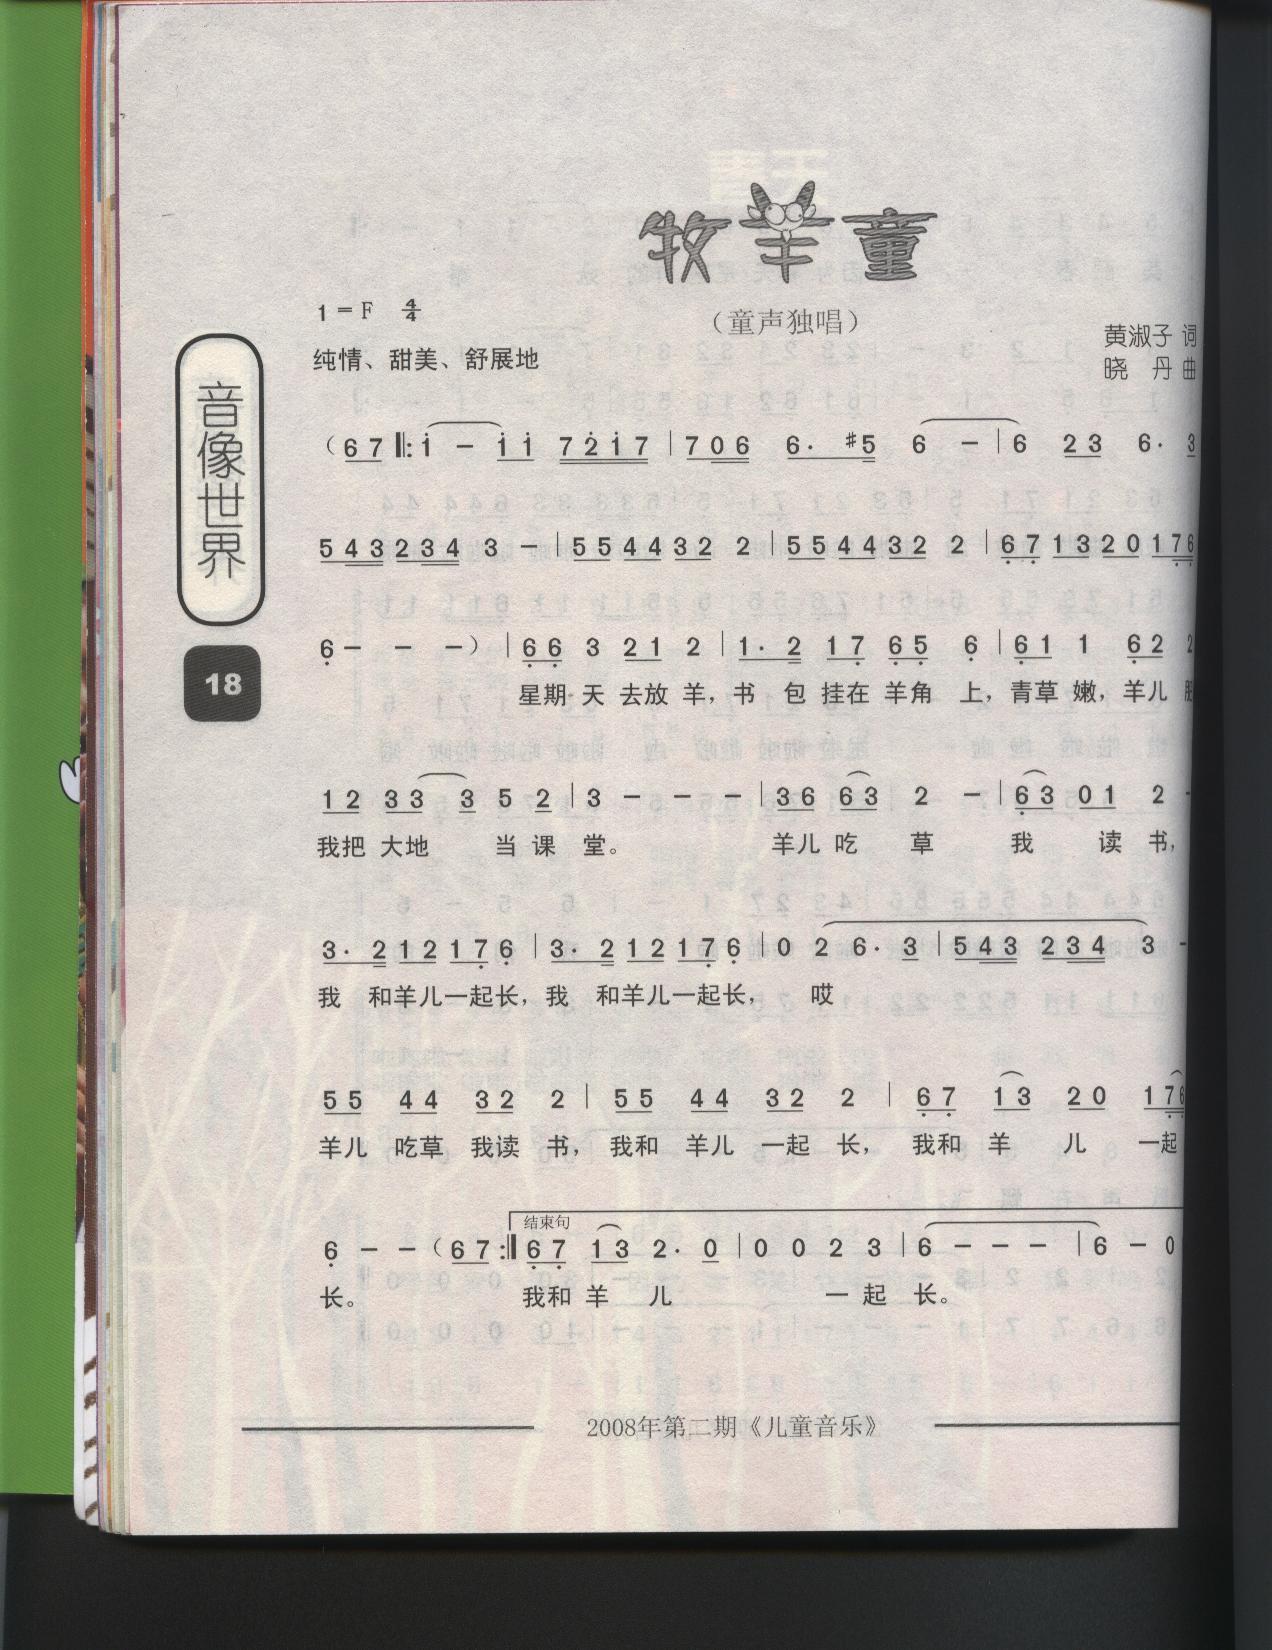 童声里的祖国歌谱